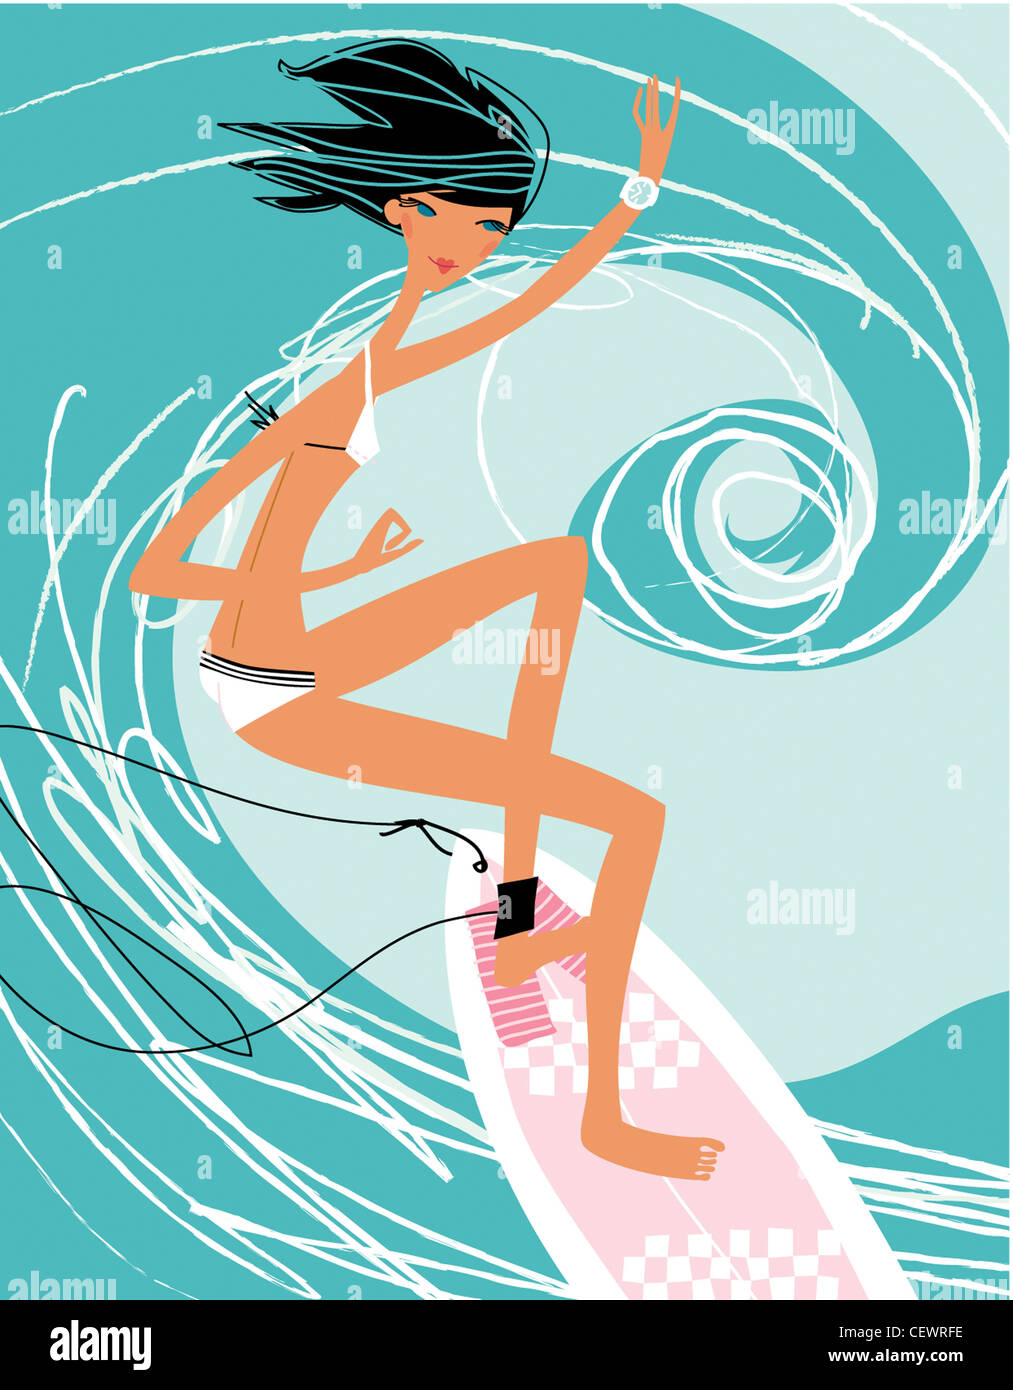 Horoscope illustrations Cancer Female, black hair, white